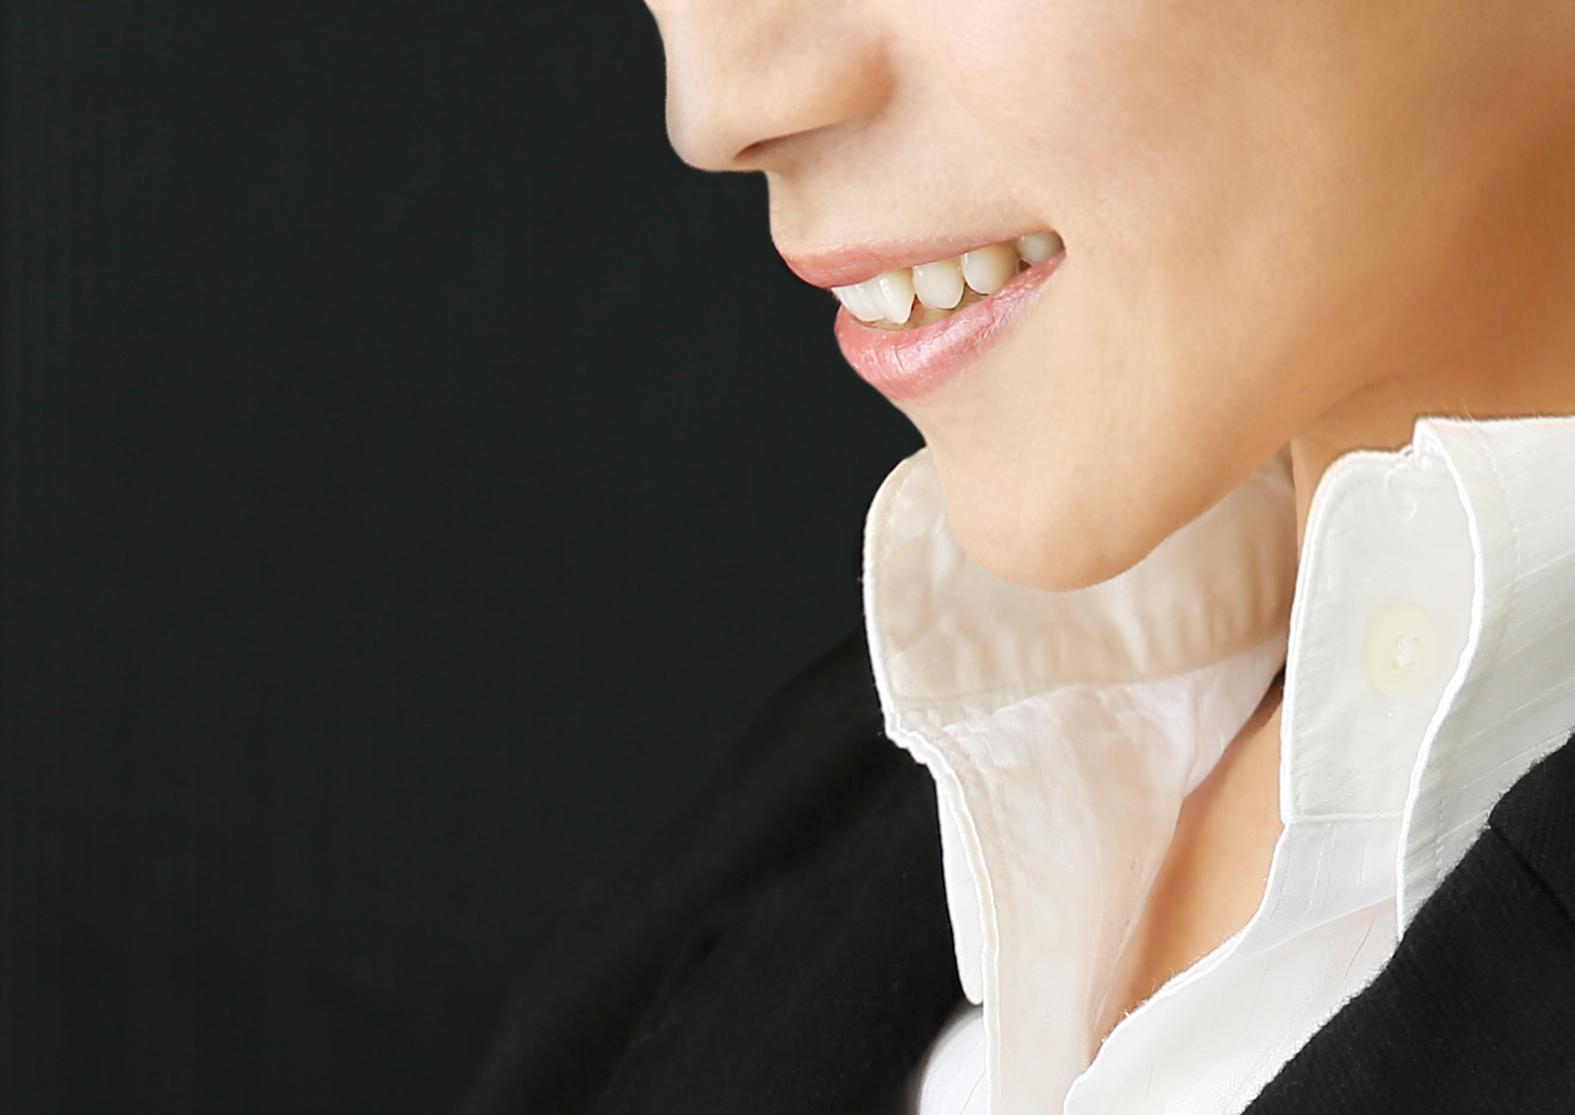 智慧齒不夠位置生長,會形成「阻生智慧齒」